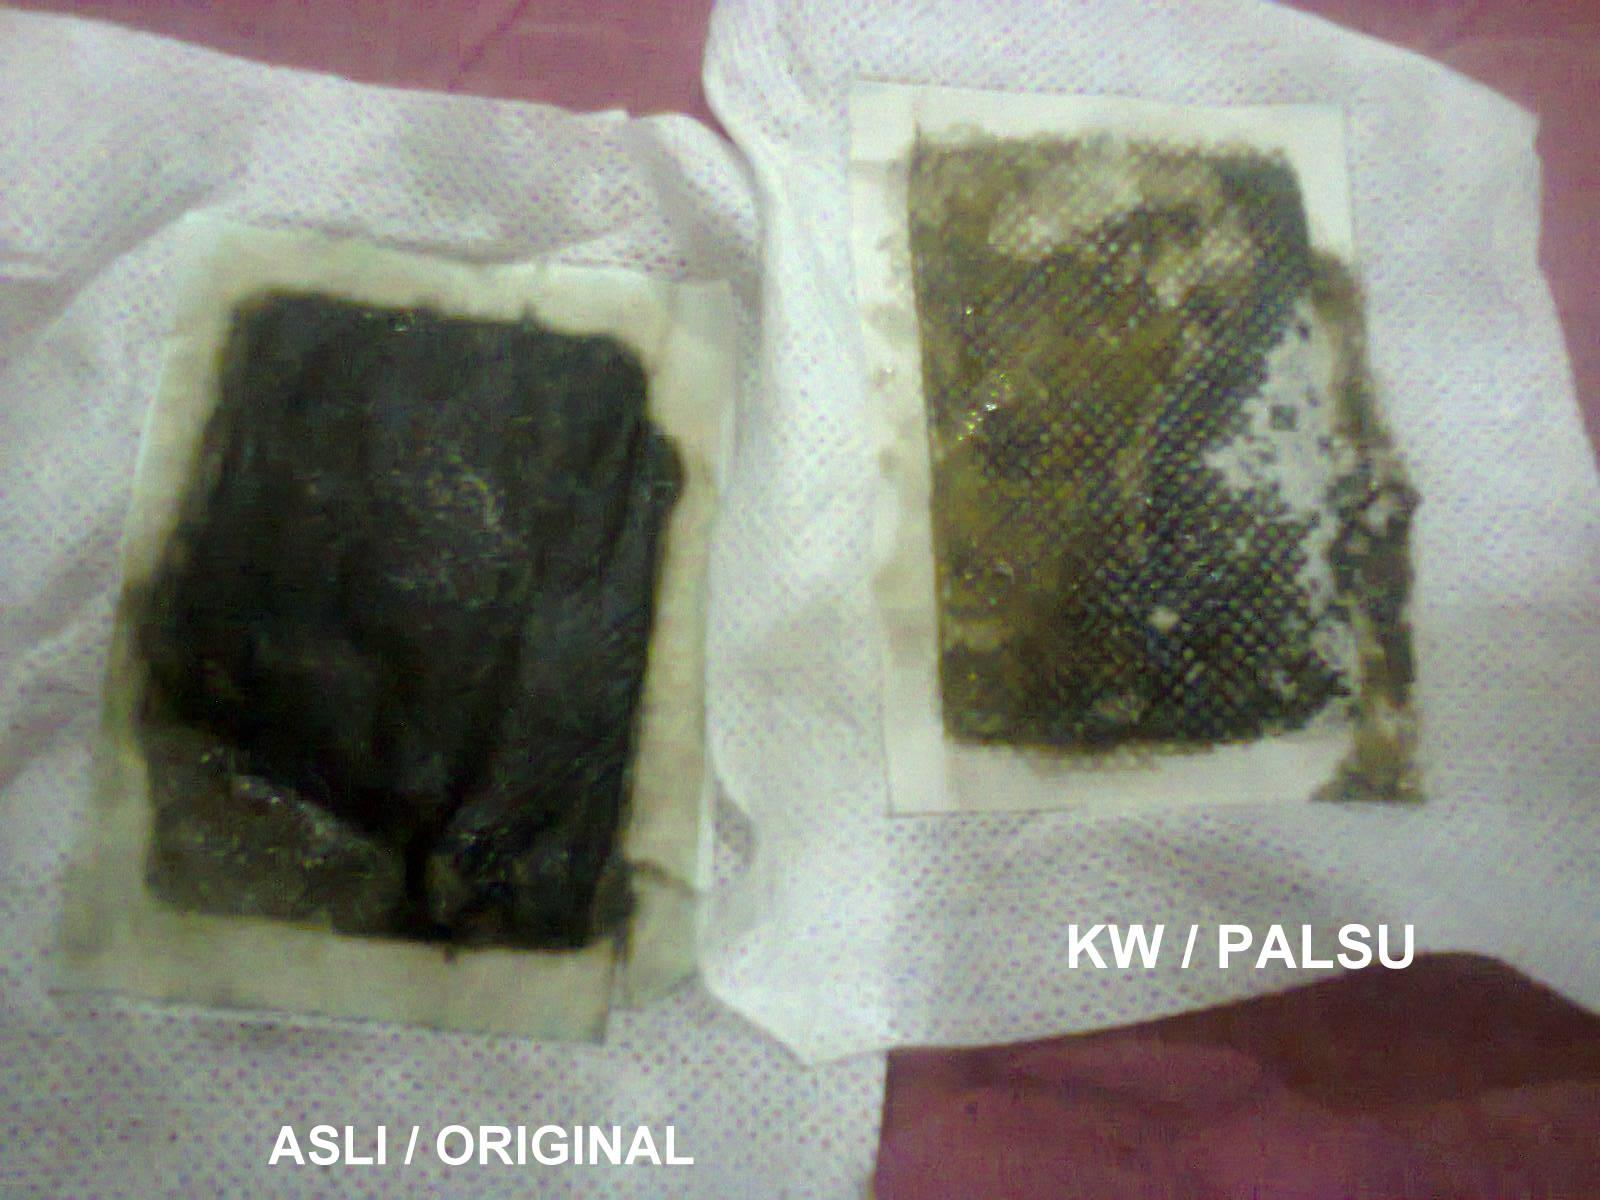 Grosir Koyo Kaki Paling Murah Di Indonesia Perbedaan Asli Bamboo Gold Original Detox Senin 19 November 2012